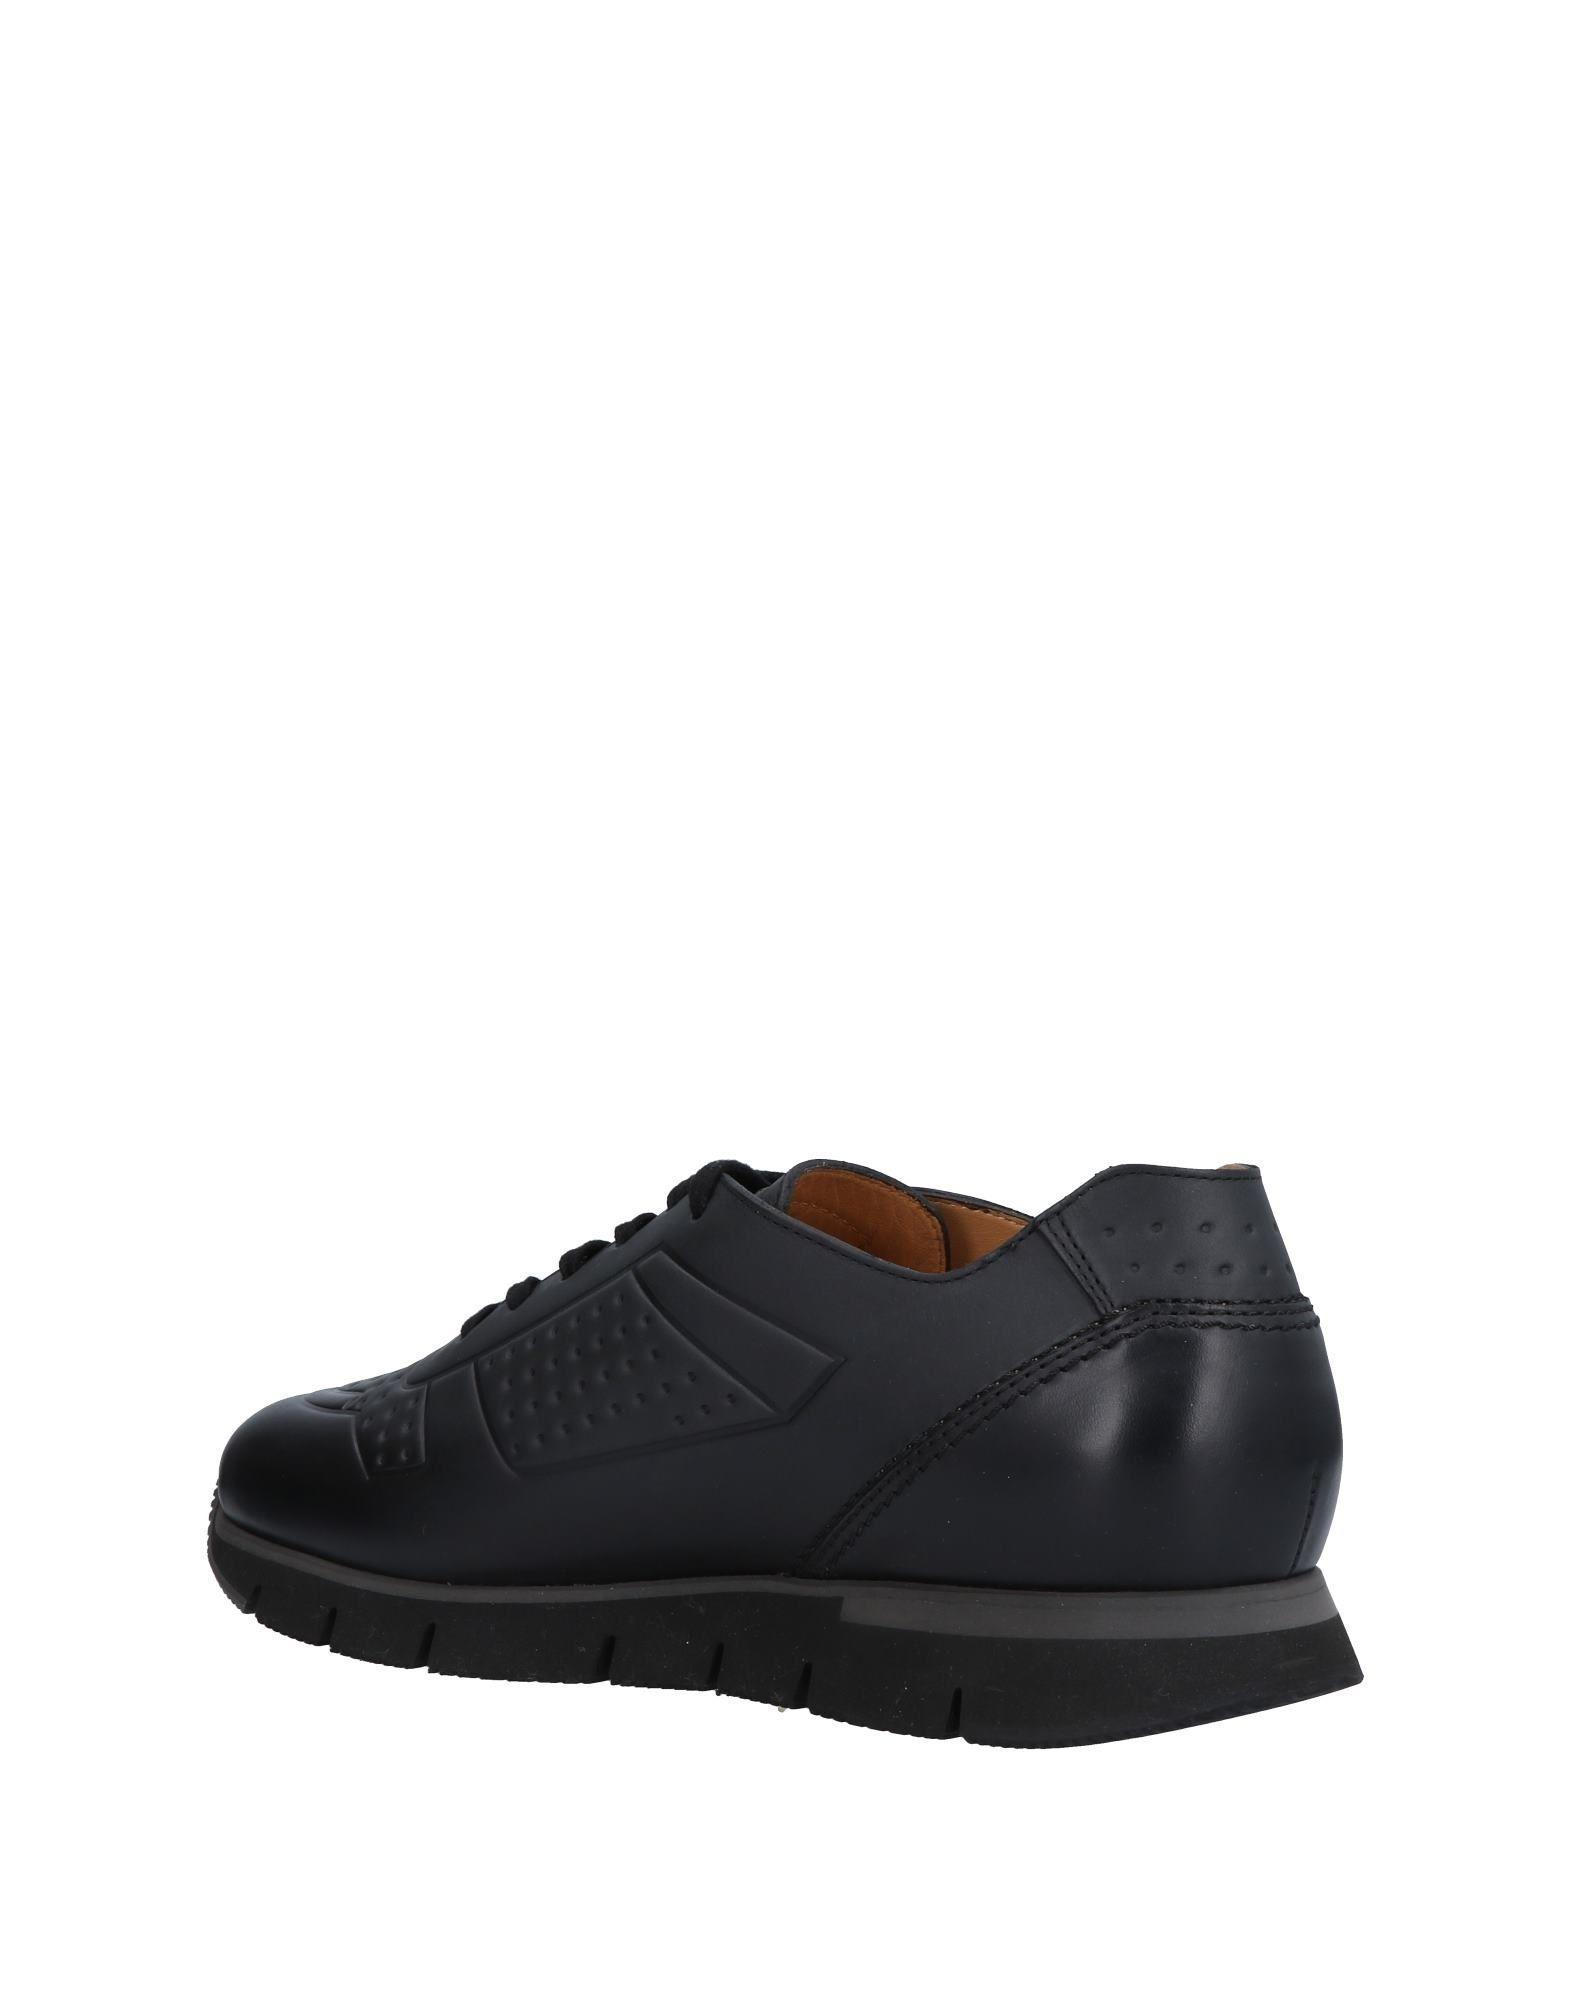 Santoni Santoni Santoni Sneakers Herren  11484478TW Heiße Schuhe 4ca52f